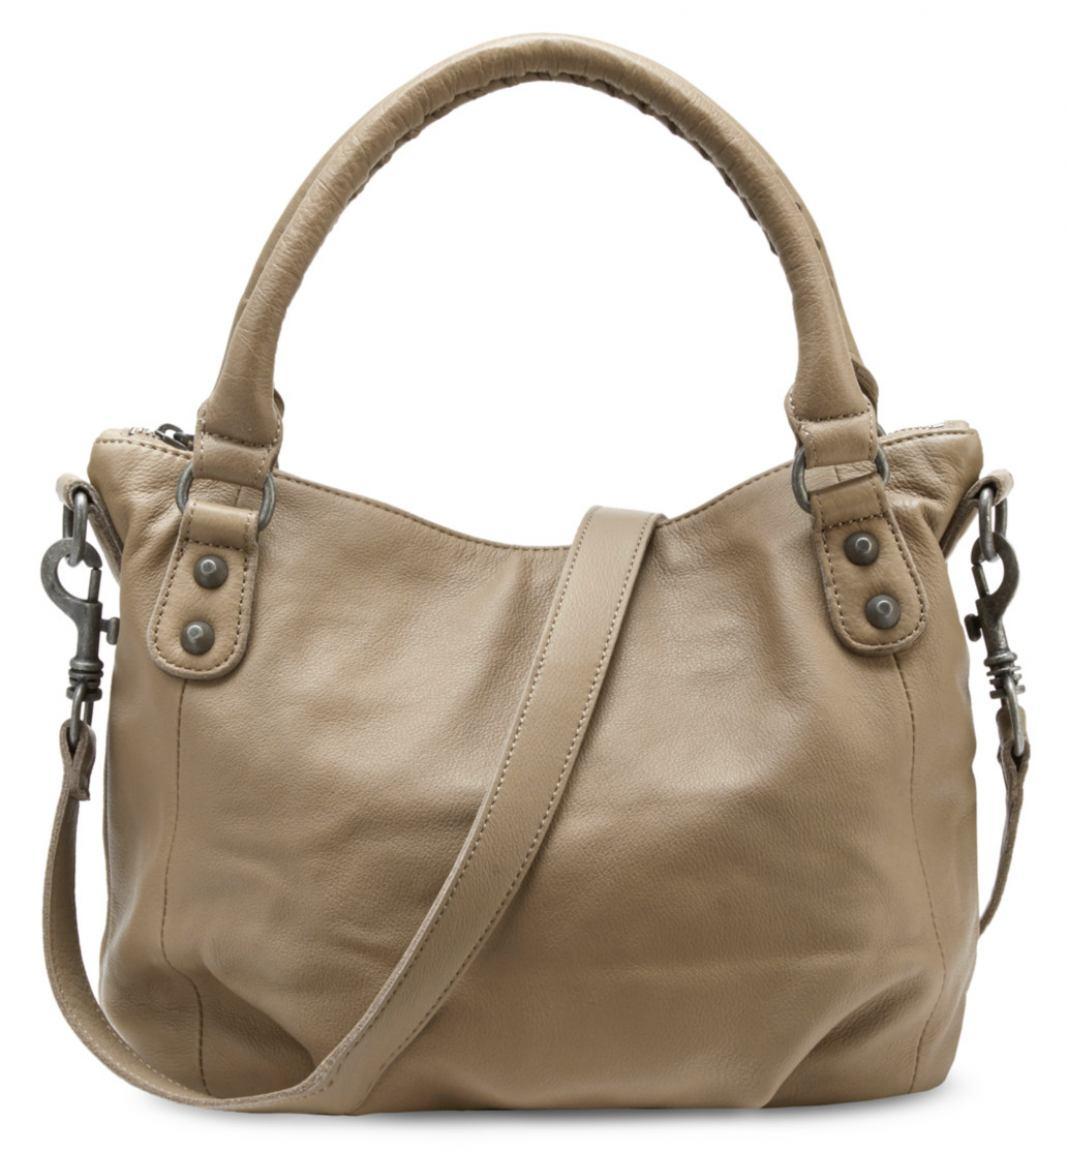 liebeskind gina6 vintage handtasche leder stone bags more. Black Bedroom Furniture Sets. Home Design Ideas